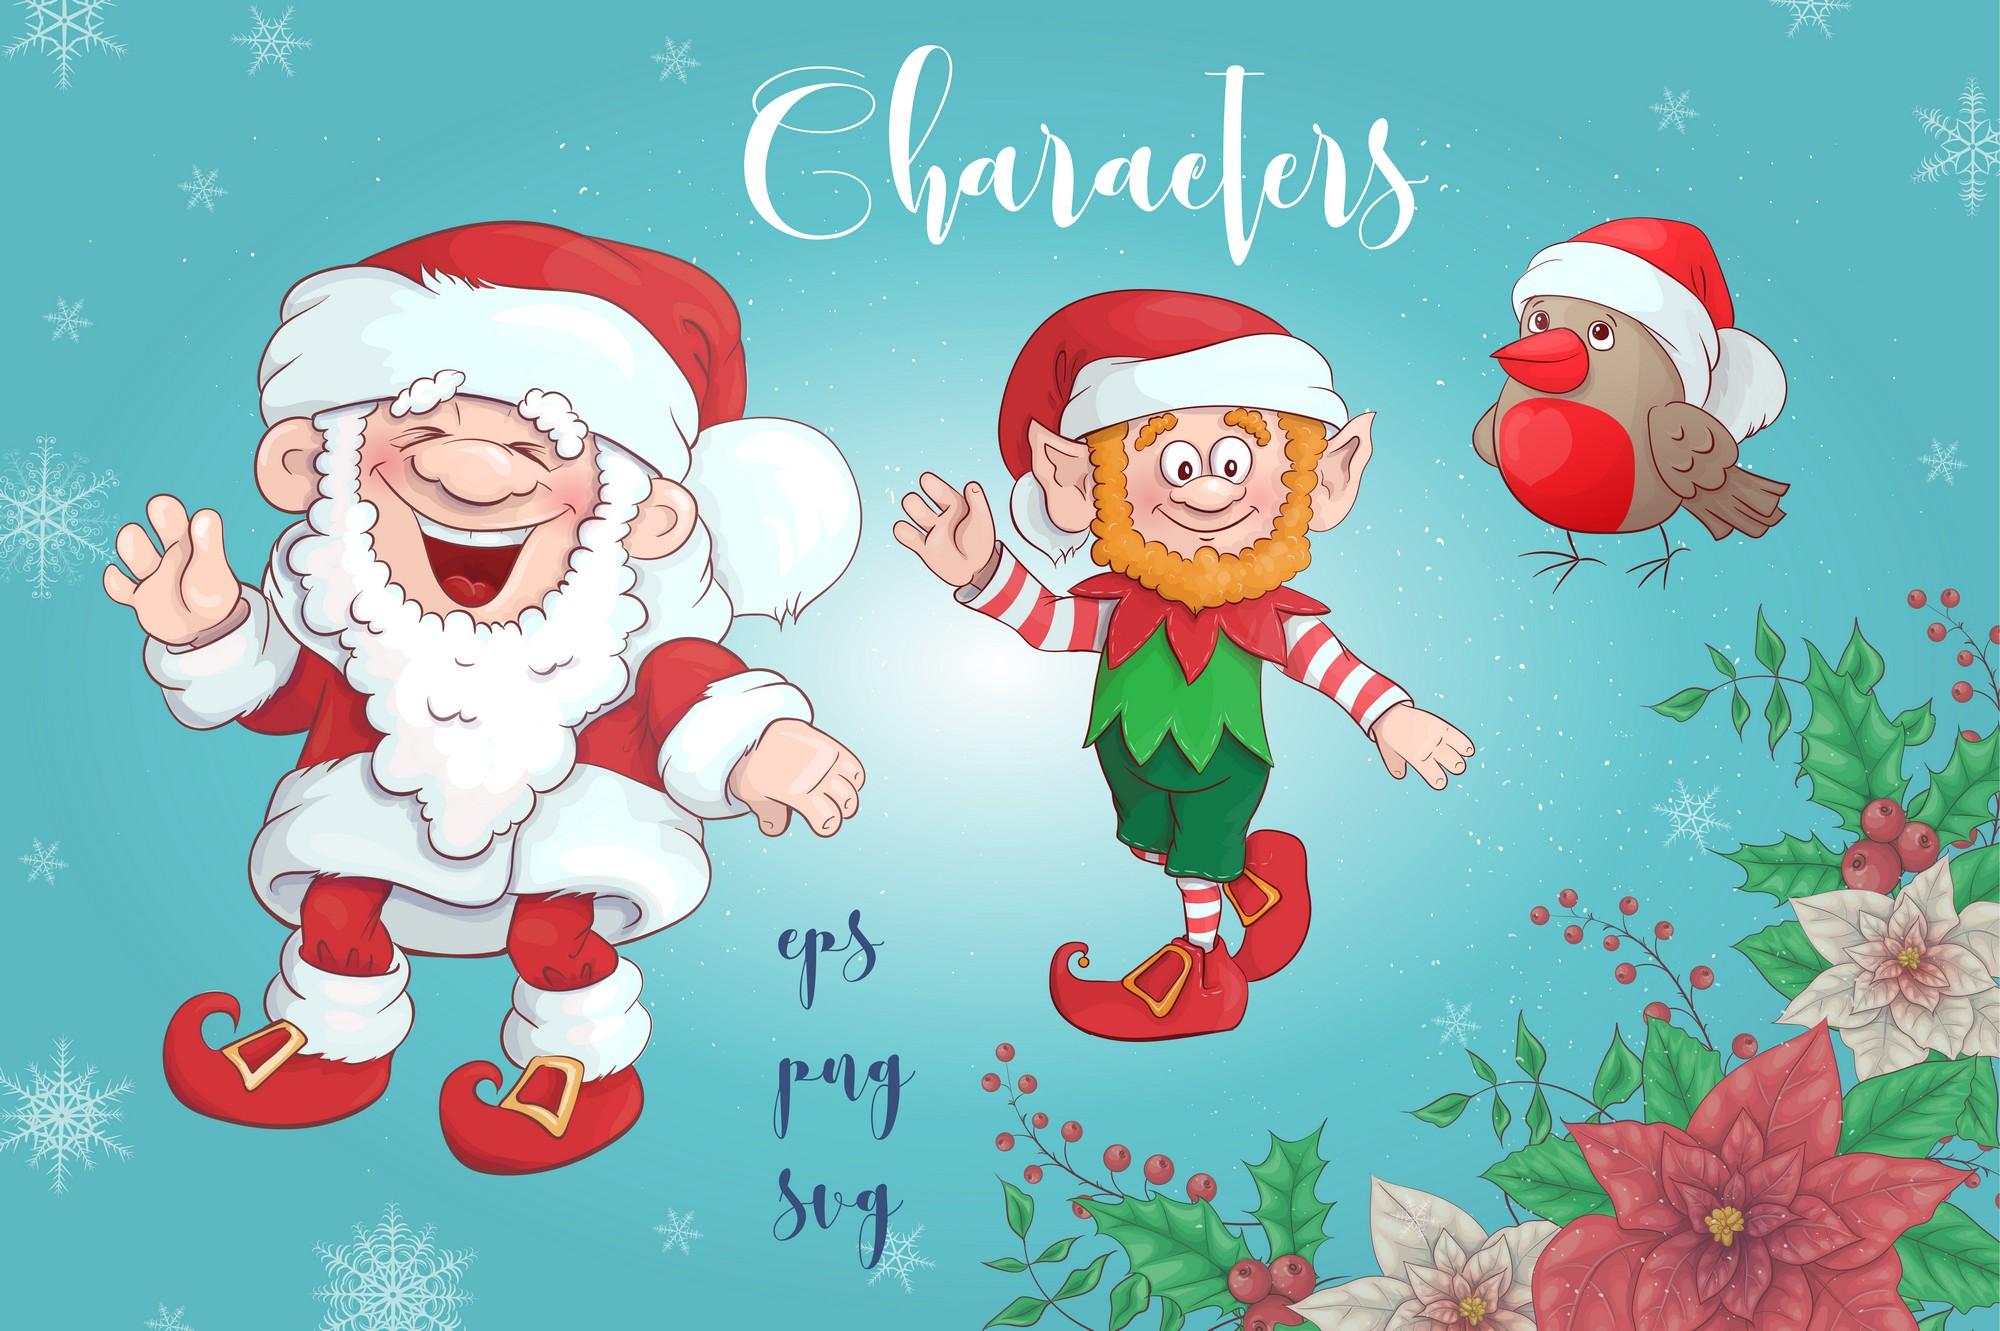 Merry Christmas Graphics Bundle - Image00002